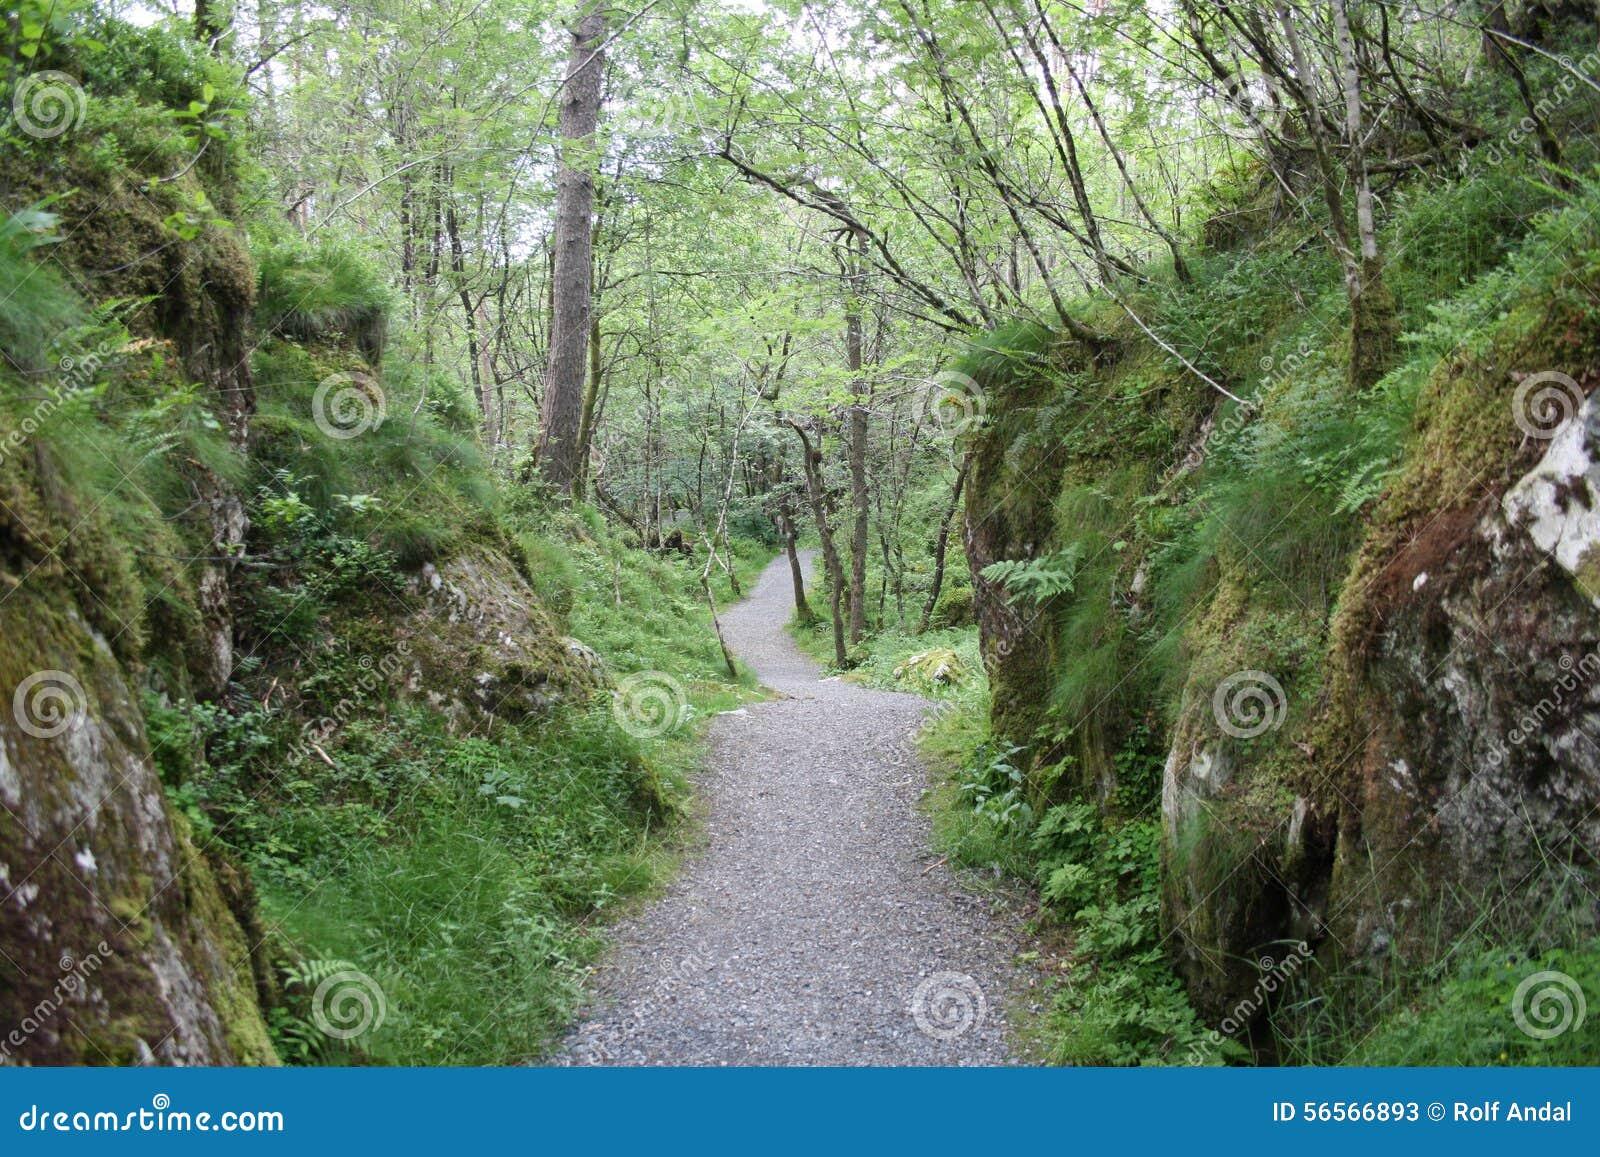 Download Μονοπάτι στο δάσος στοκ εικόνα. εικόνα από δάσος, μονοπάτι - 56566893